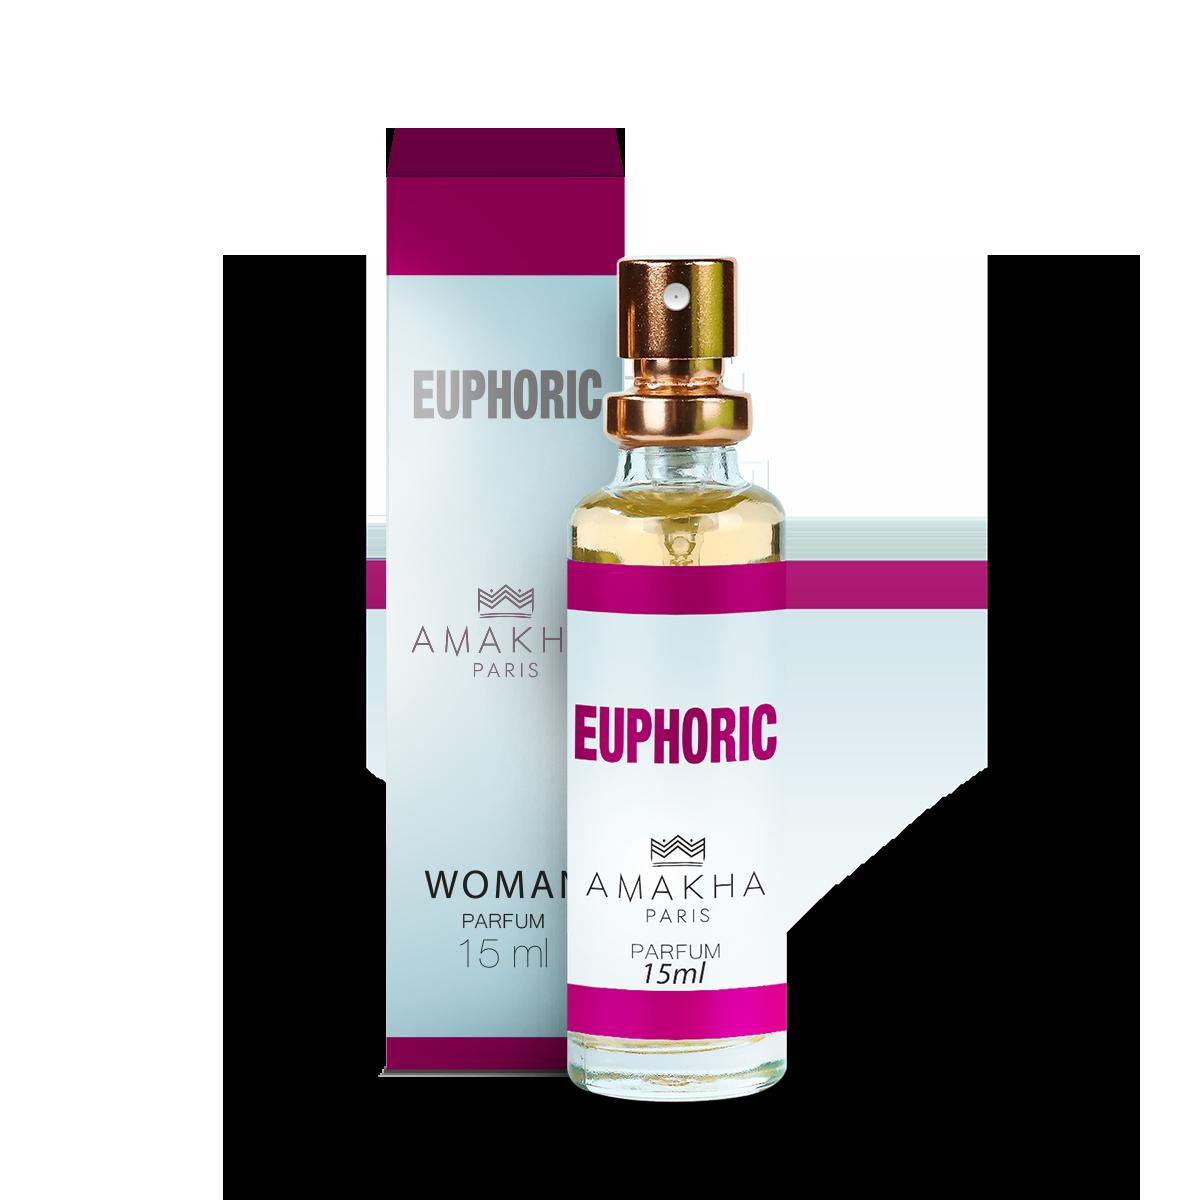 Perfume Euphoric Amakha Paris